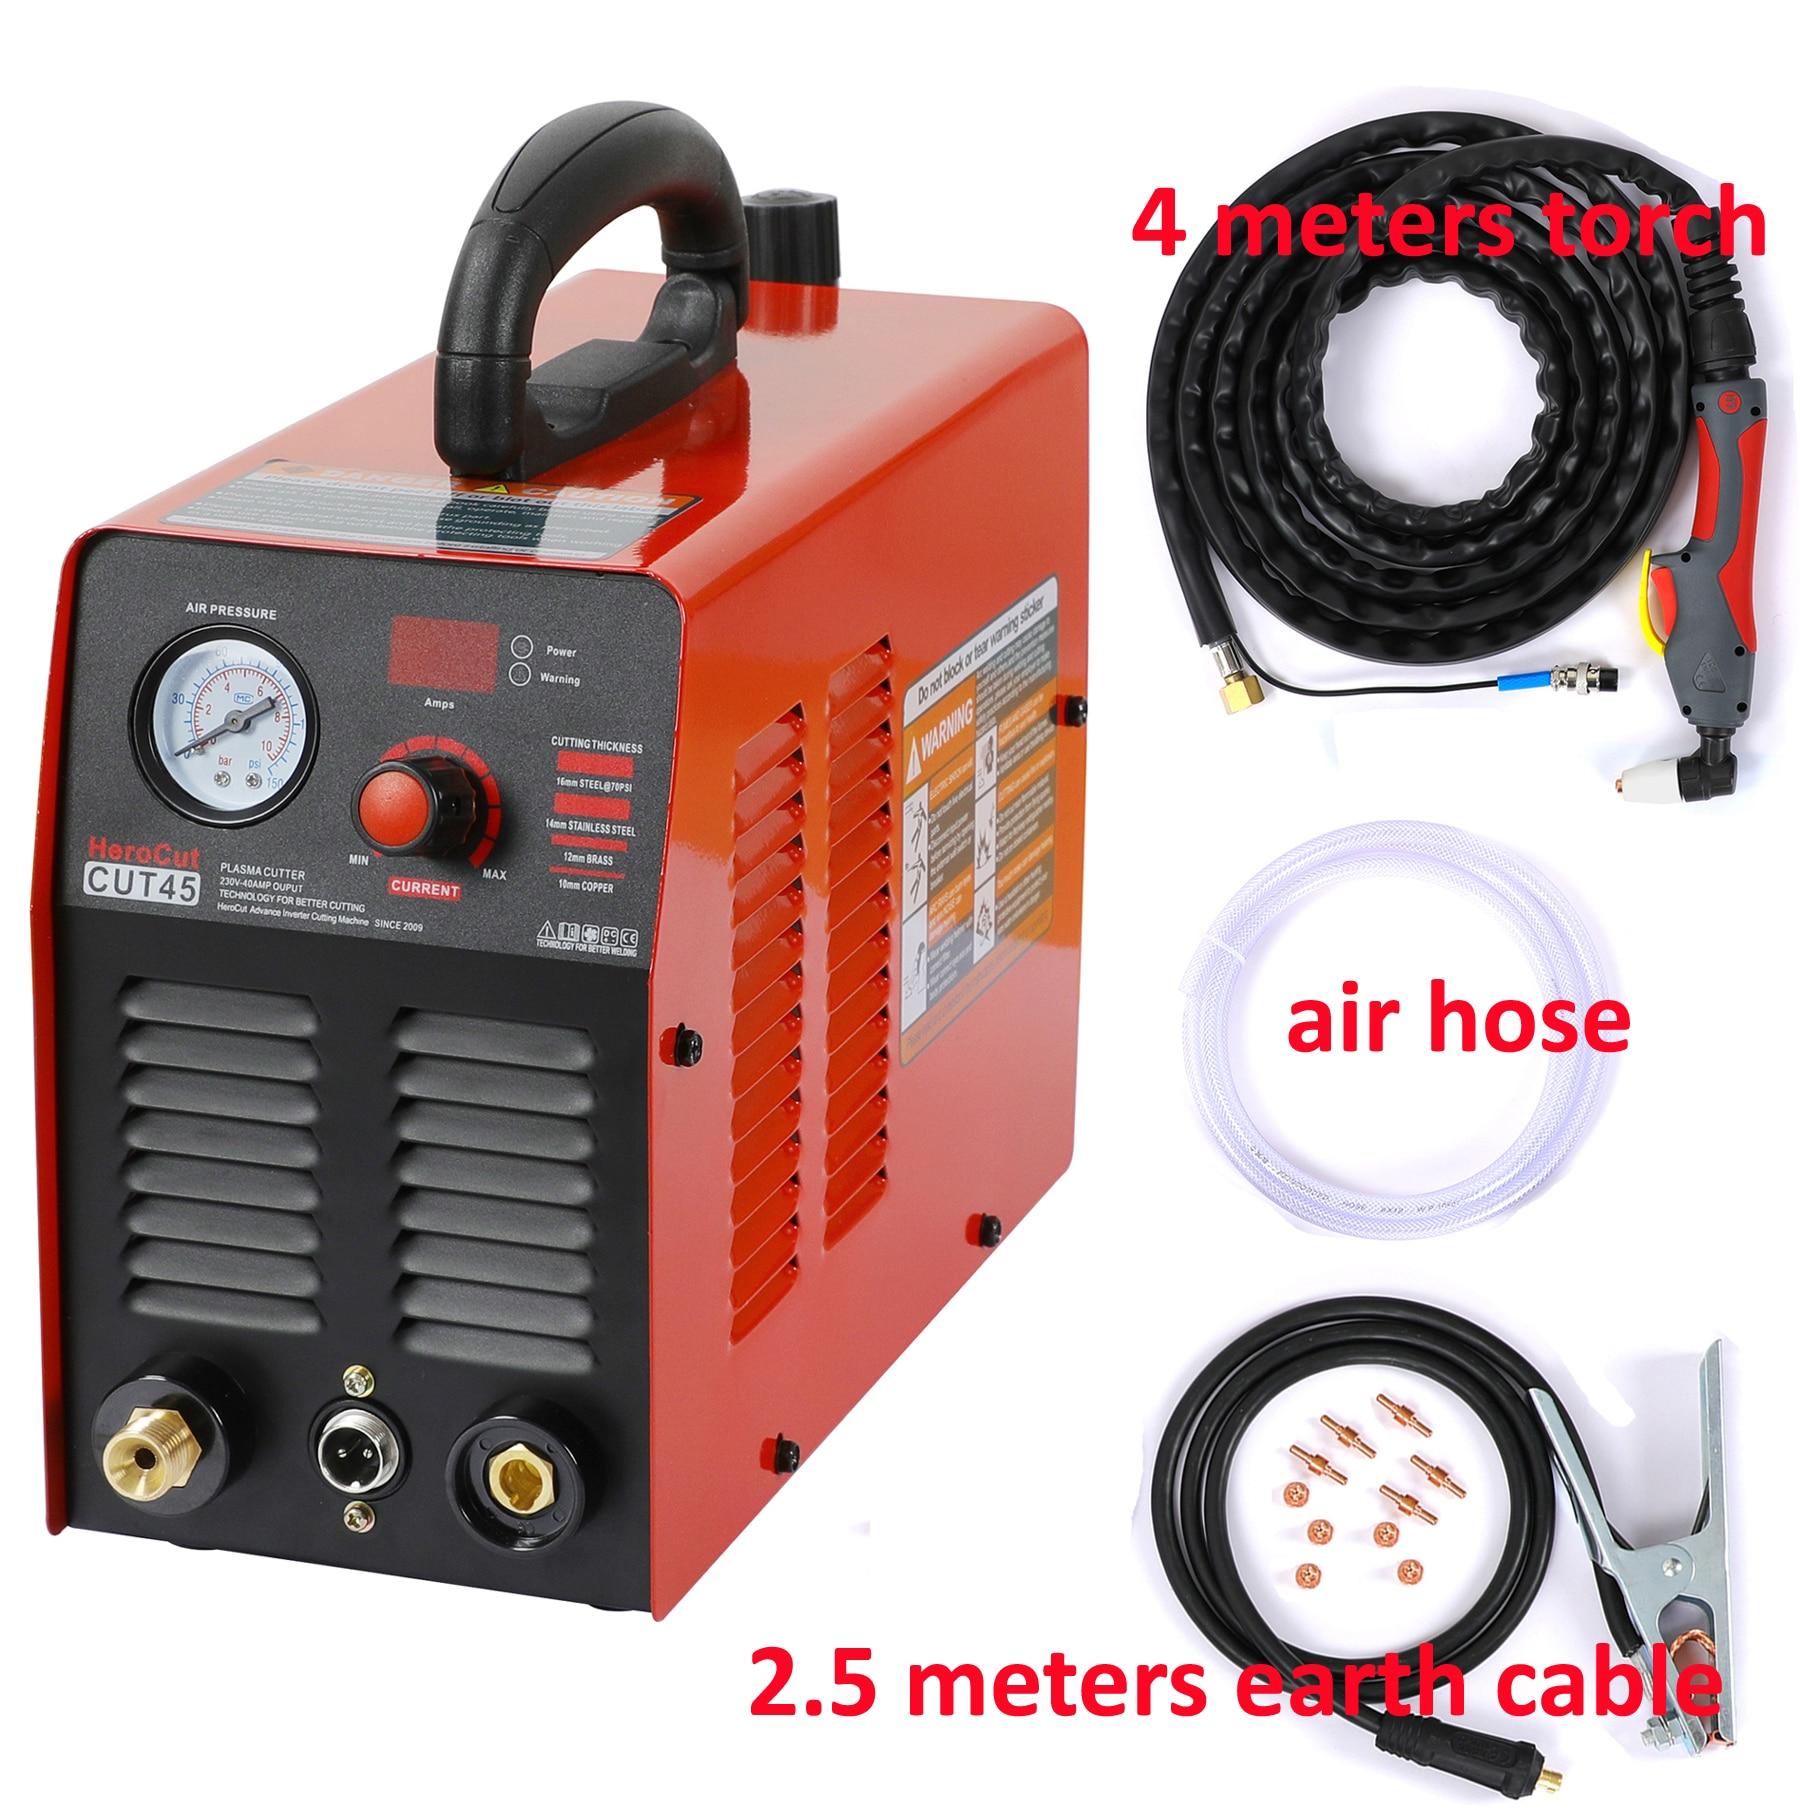 Plasma 220V Plasma 10mm Cutting Air Cut45 Cutting Machine IGBT CUT45i HeroCut  Clean Cutter